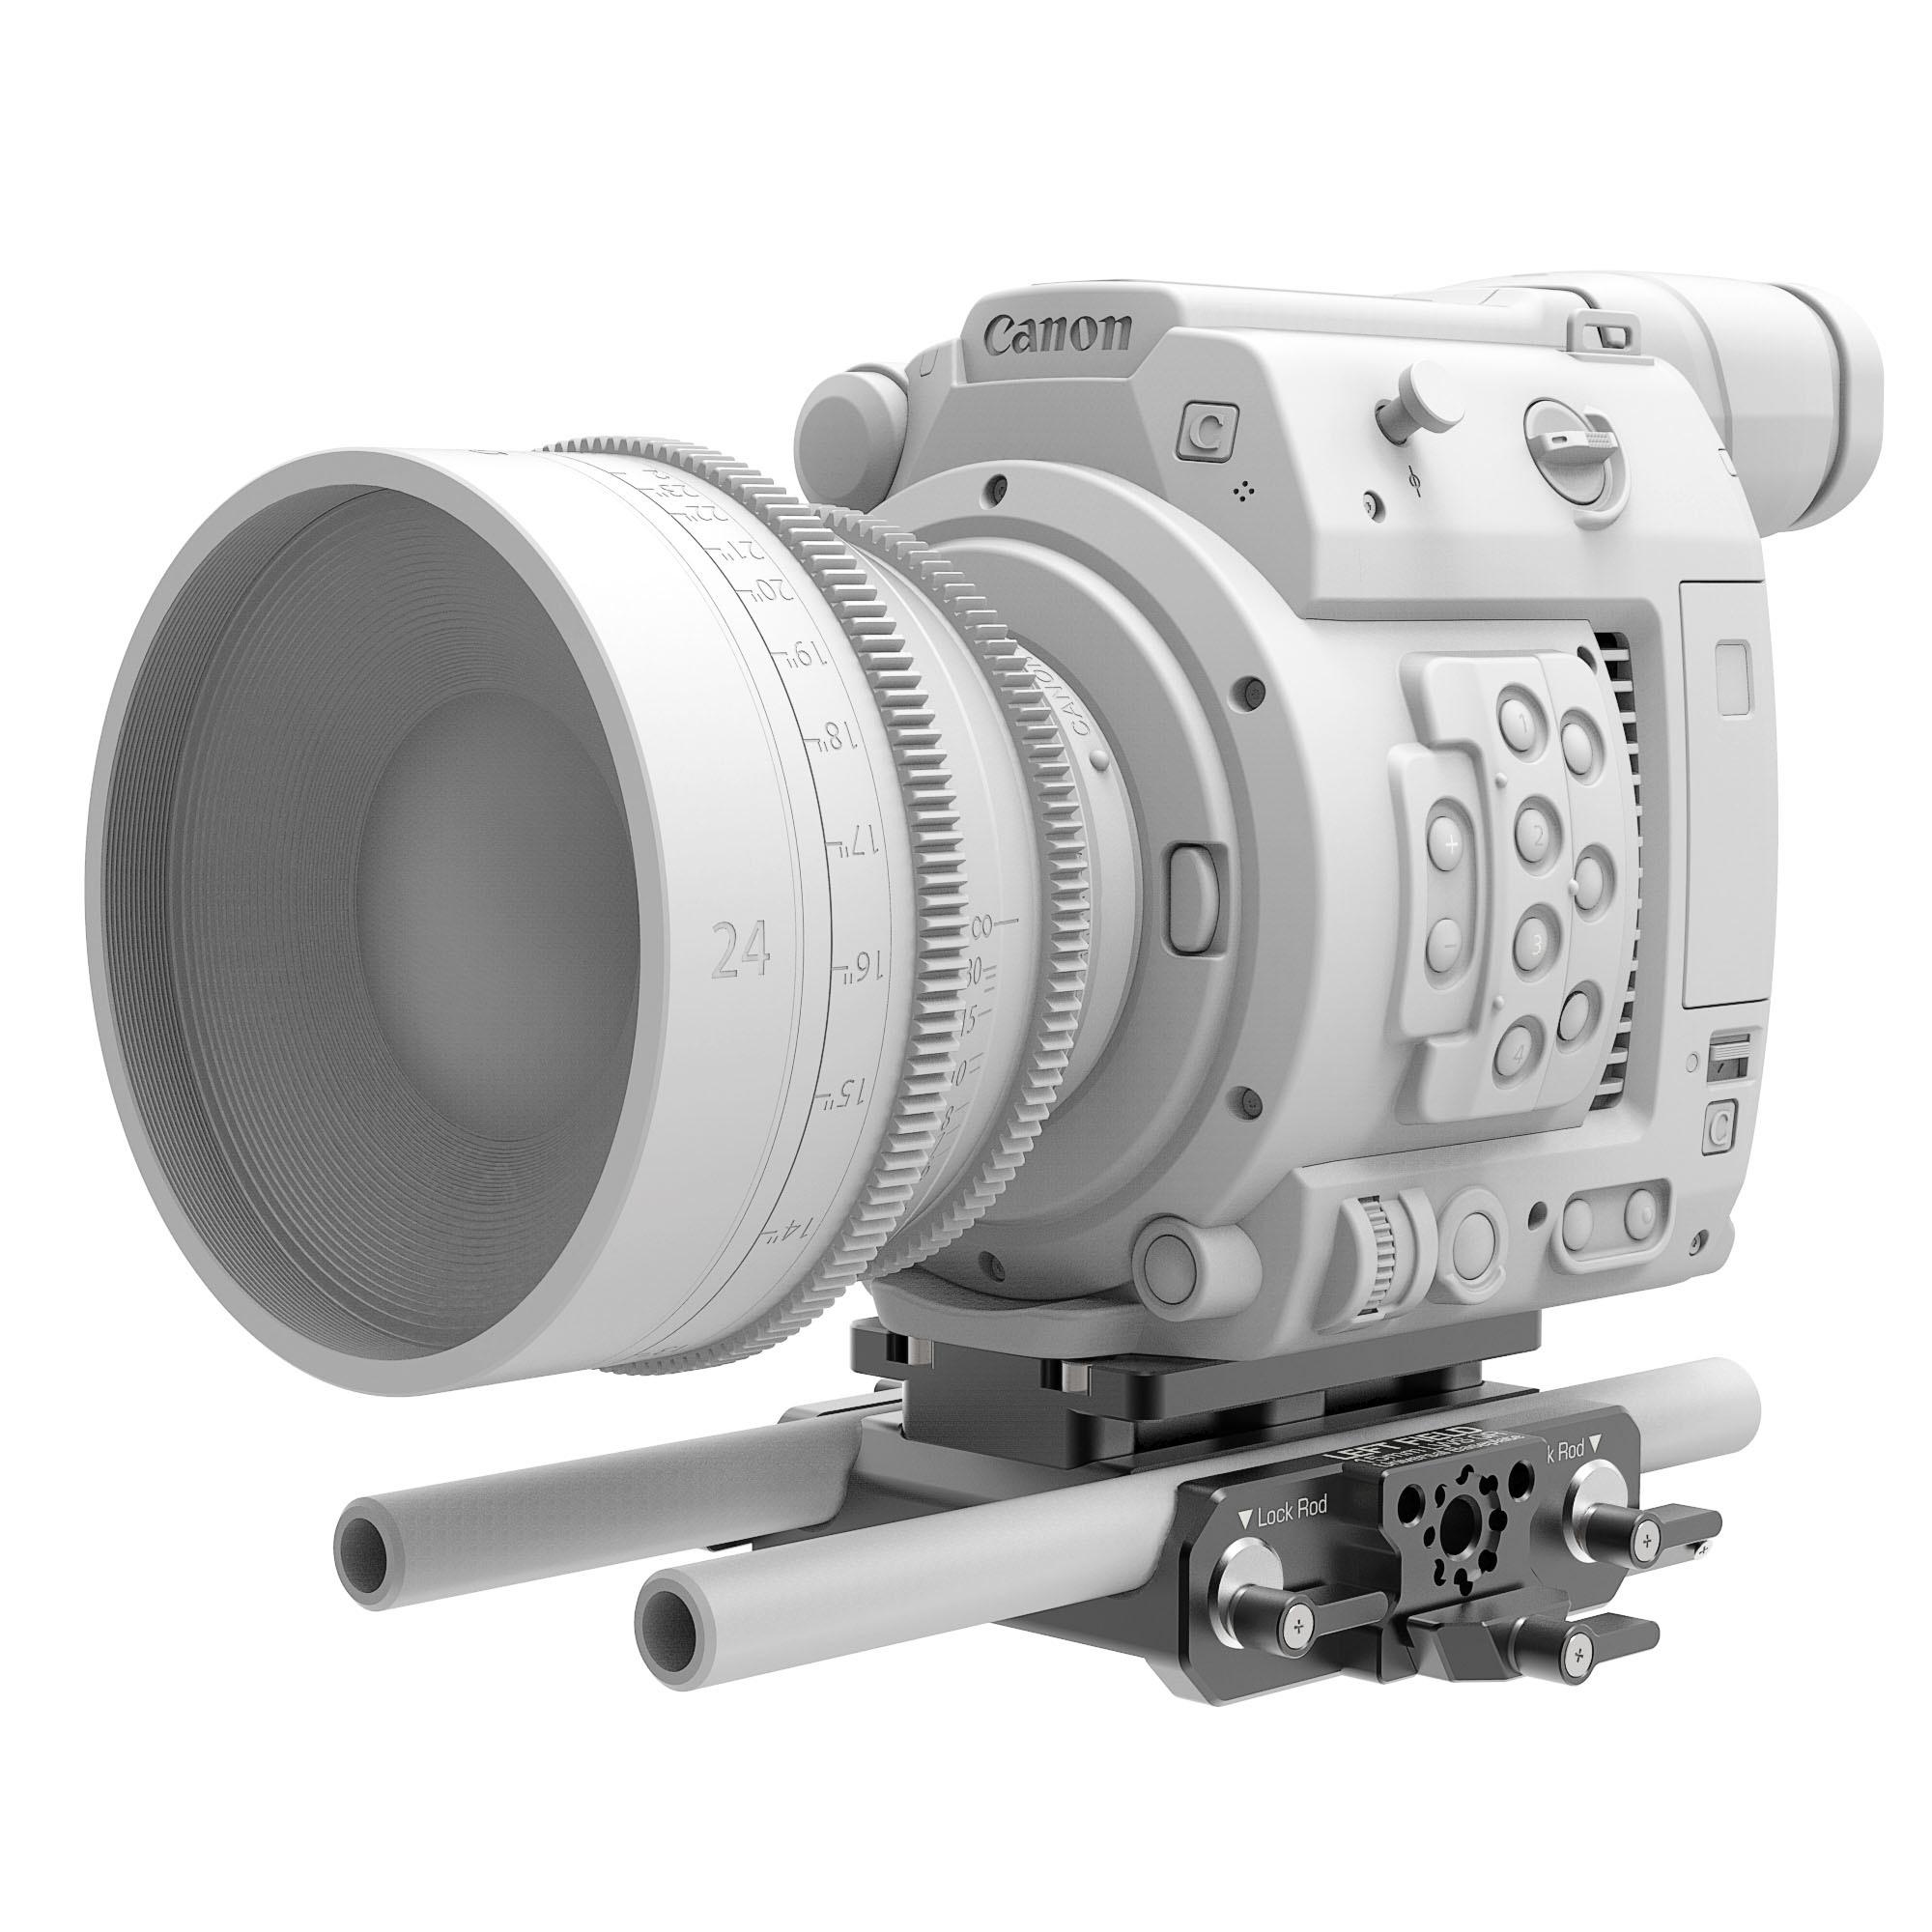 Canon C200/C700 Left Field Sliding Baseplate